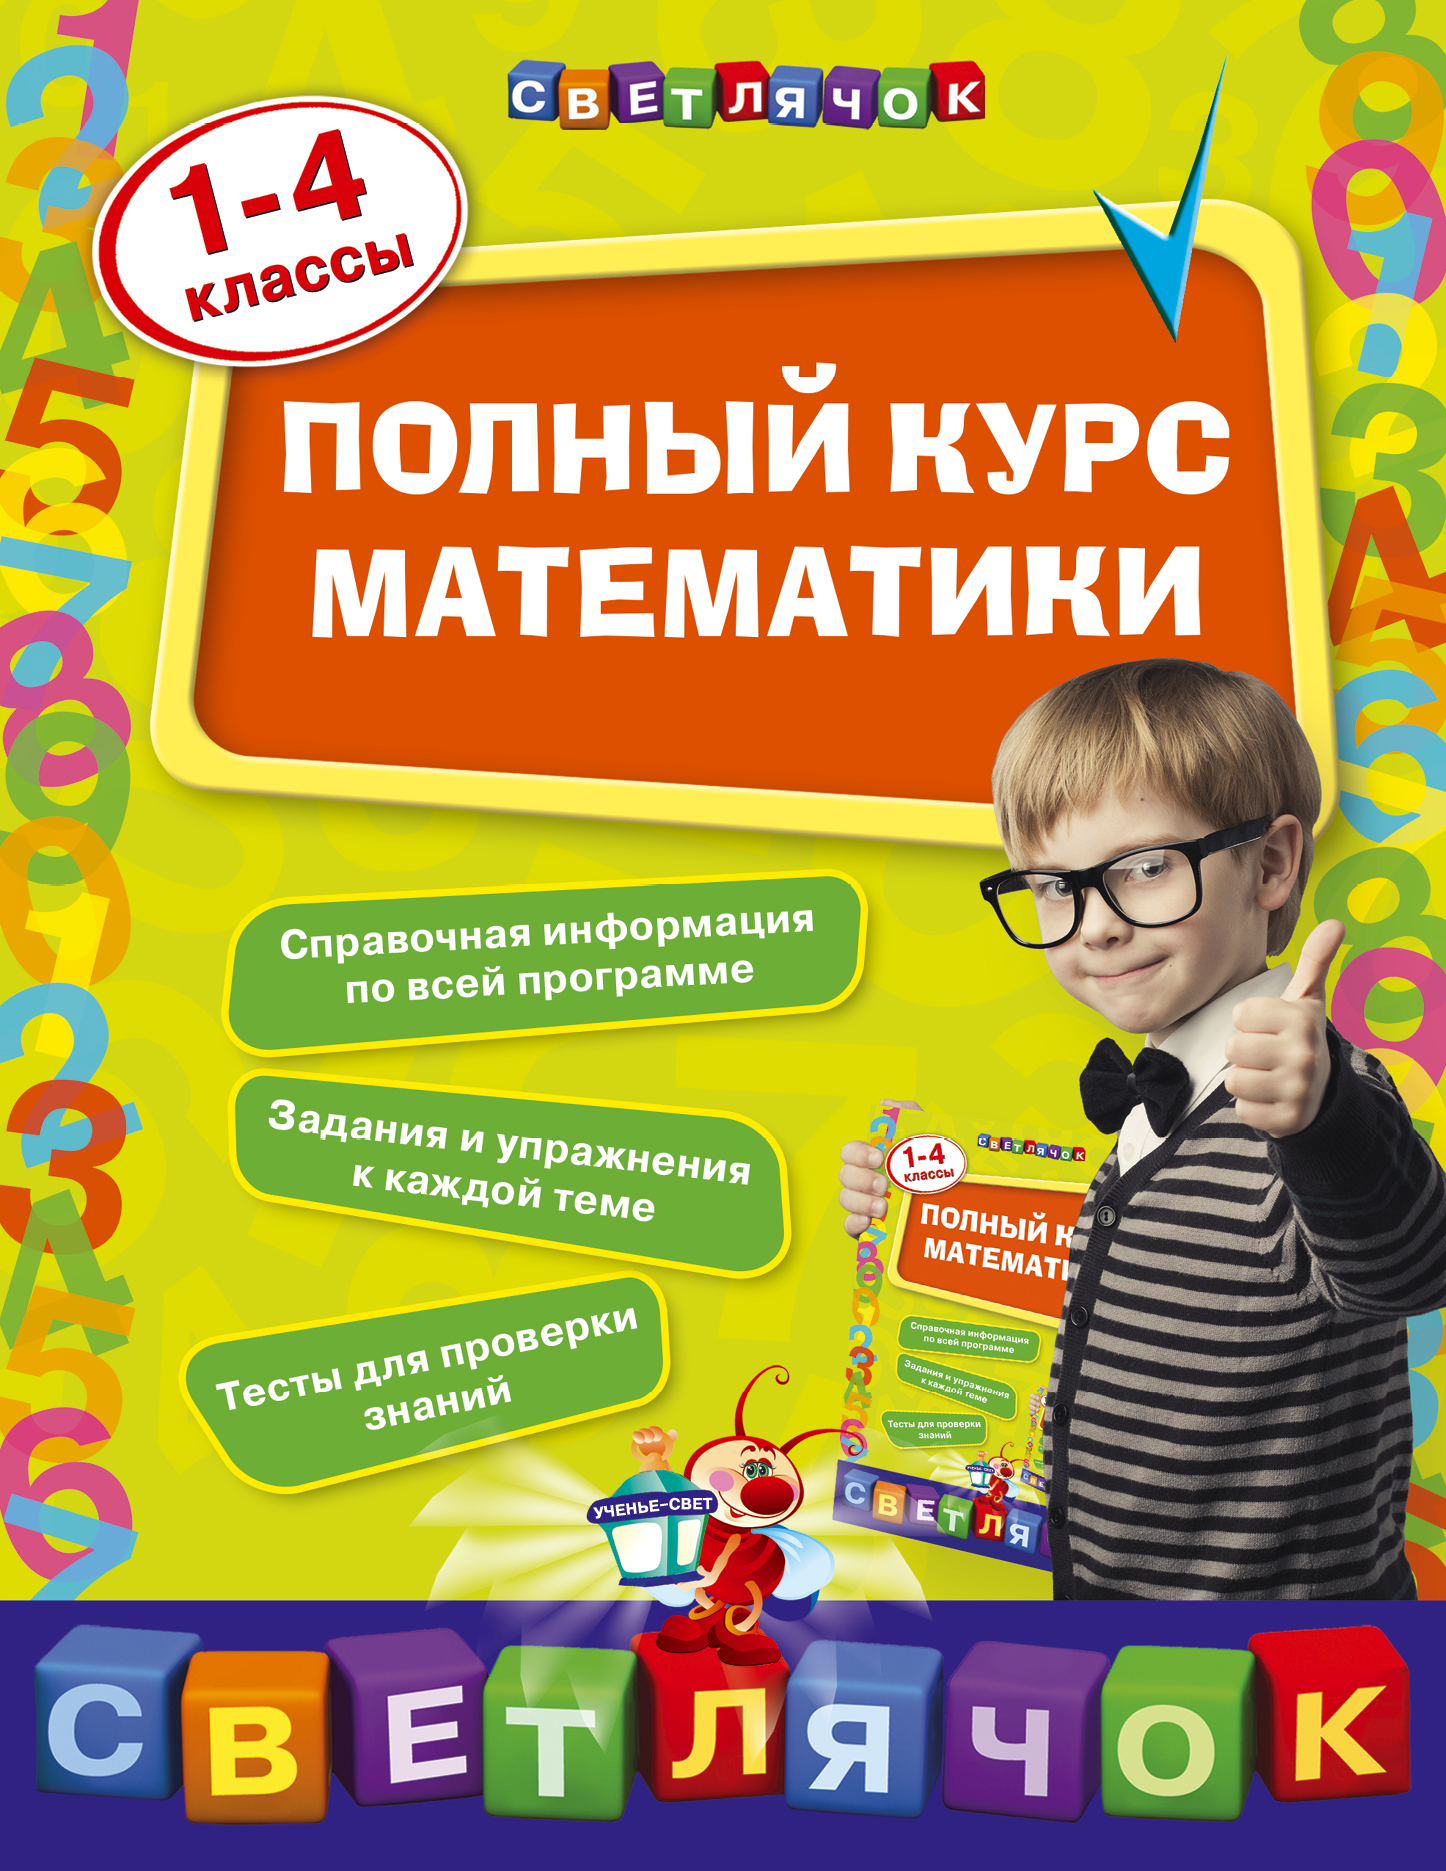 Полный курс математики: 1-4 классы